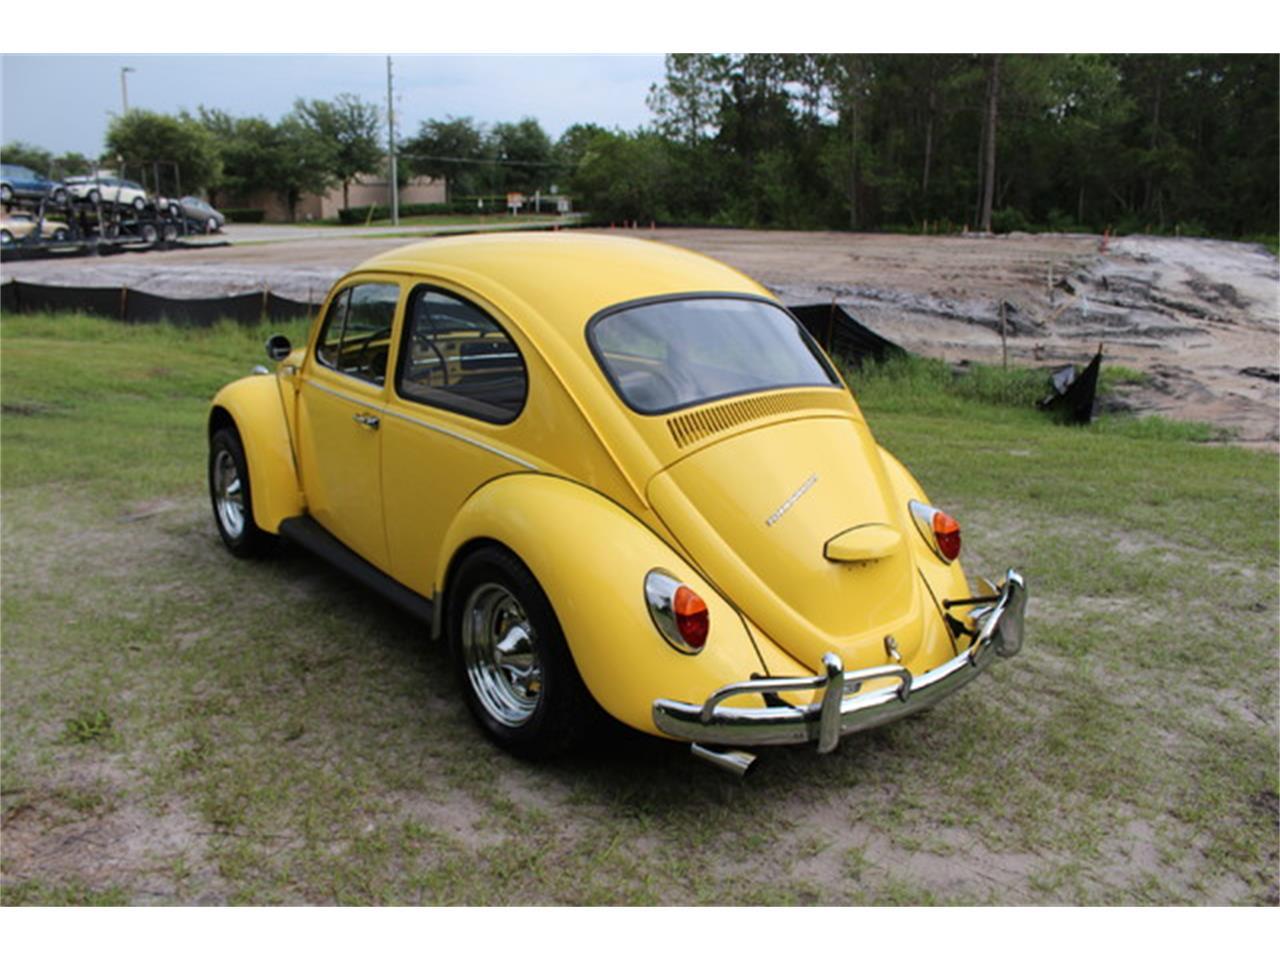 For Sale: 1967 Volkswagen Beetle in Orlando, Florida